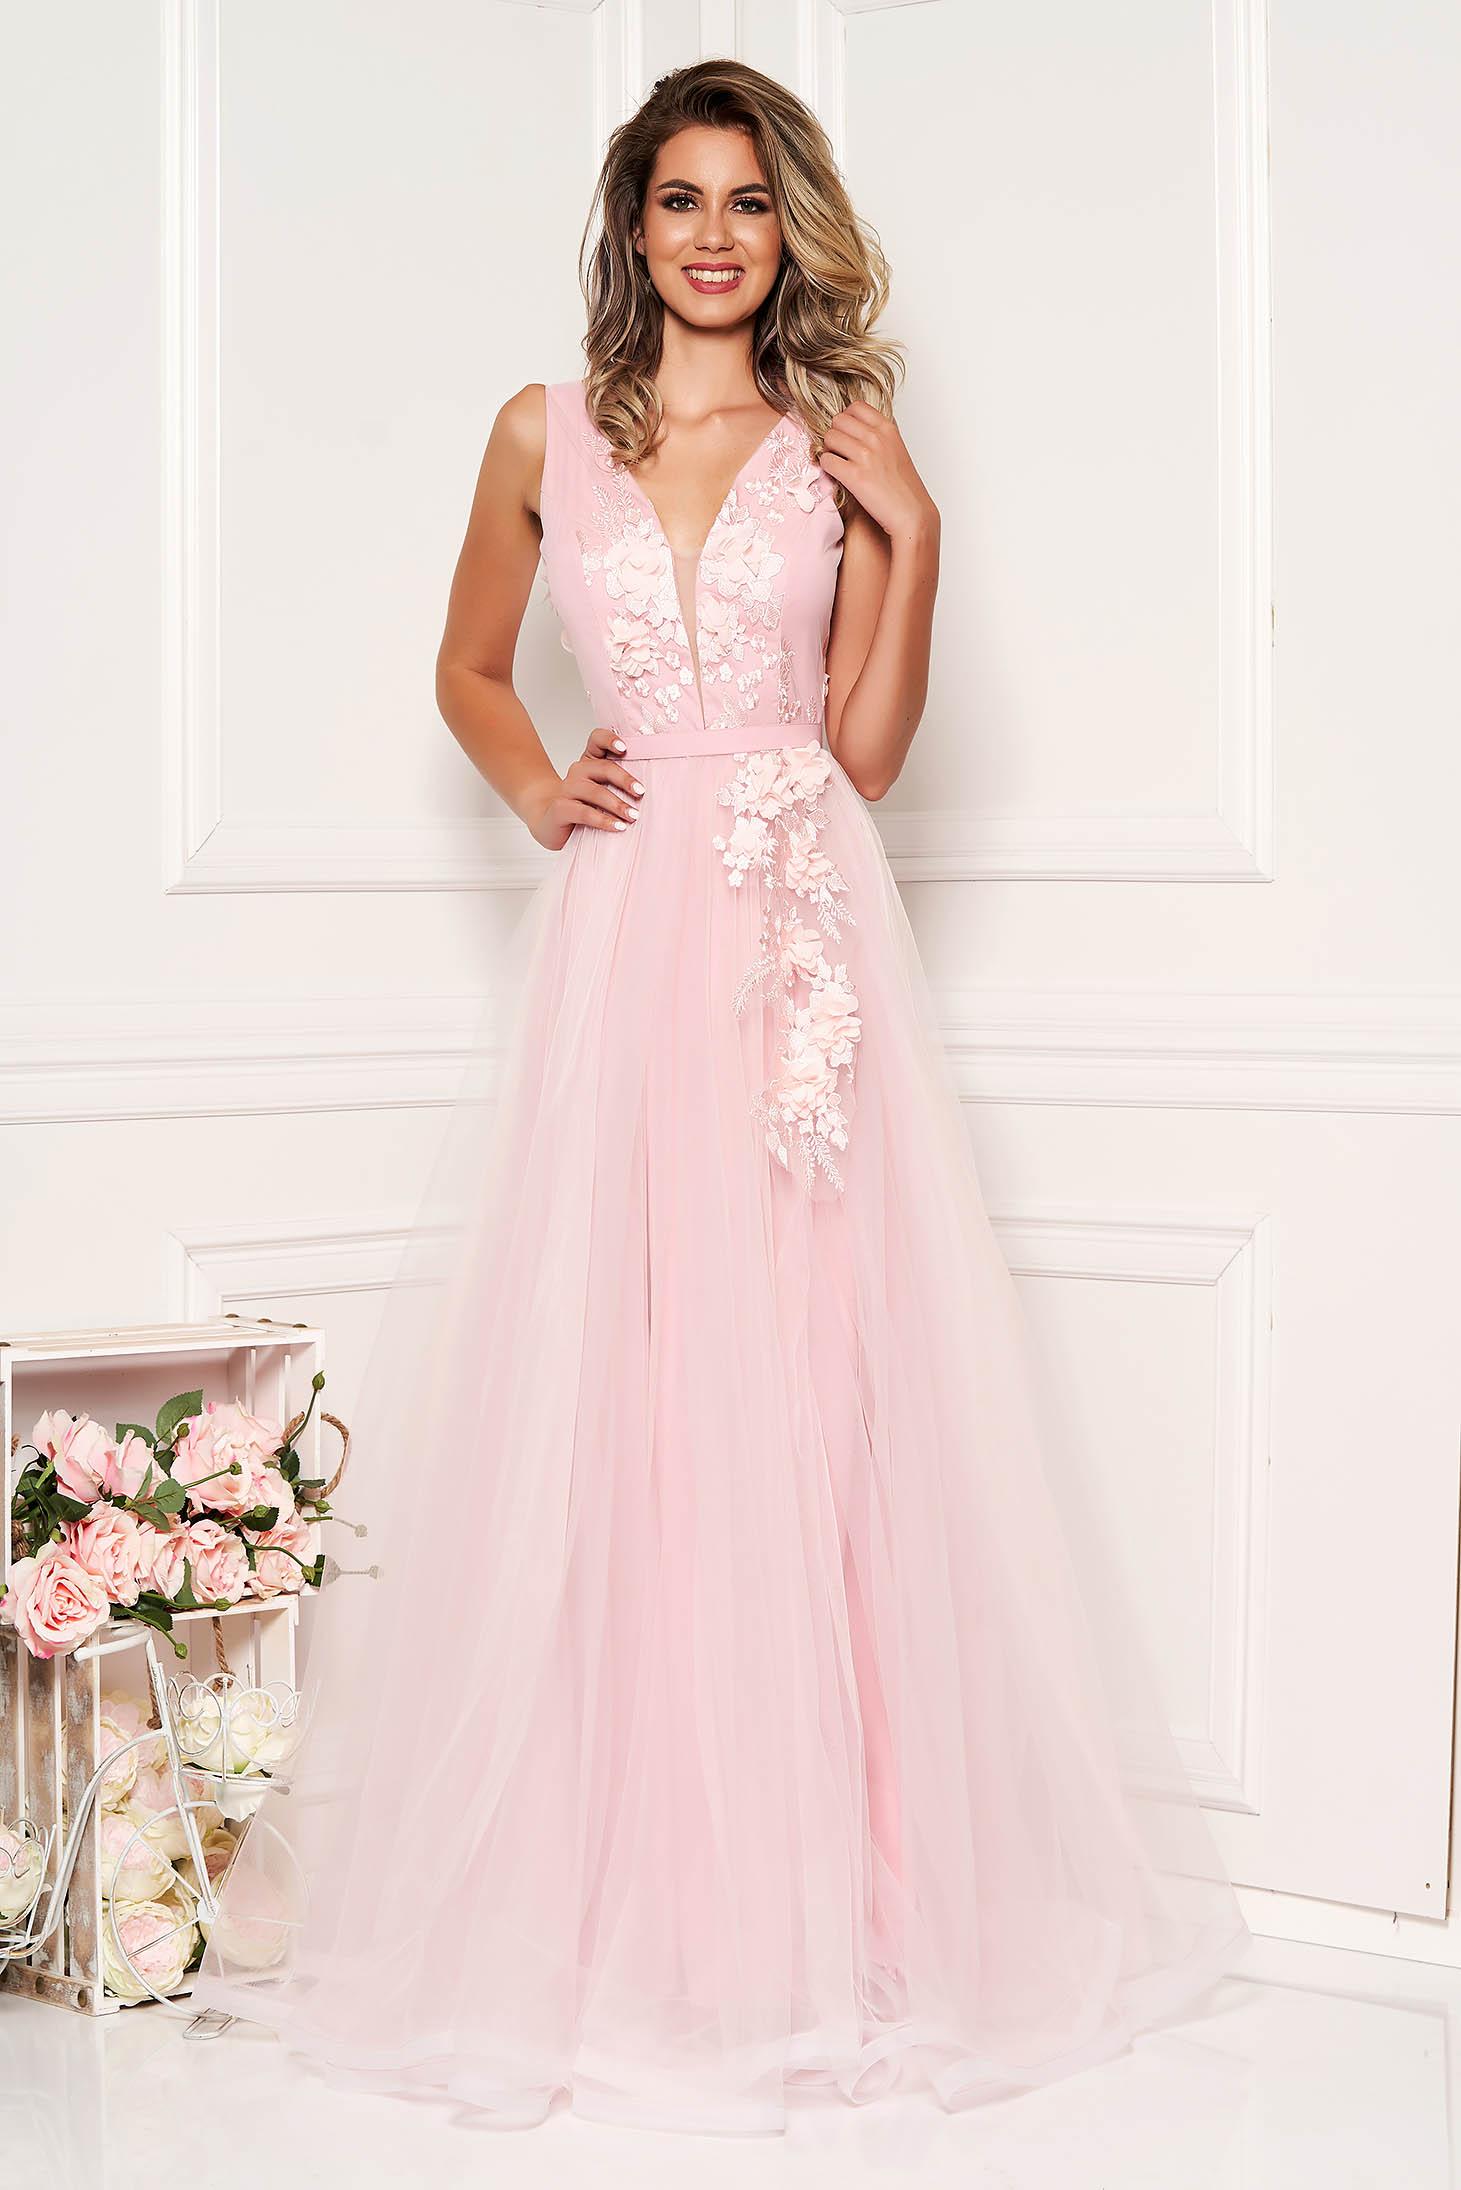 Világos rózsaszín StarShinerS alkalmi tüllből harang ruha mély dekoltázzsal mellrésznél szivacsos virágos díszekkel 3d effekt